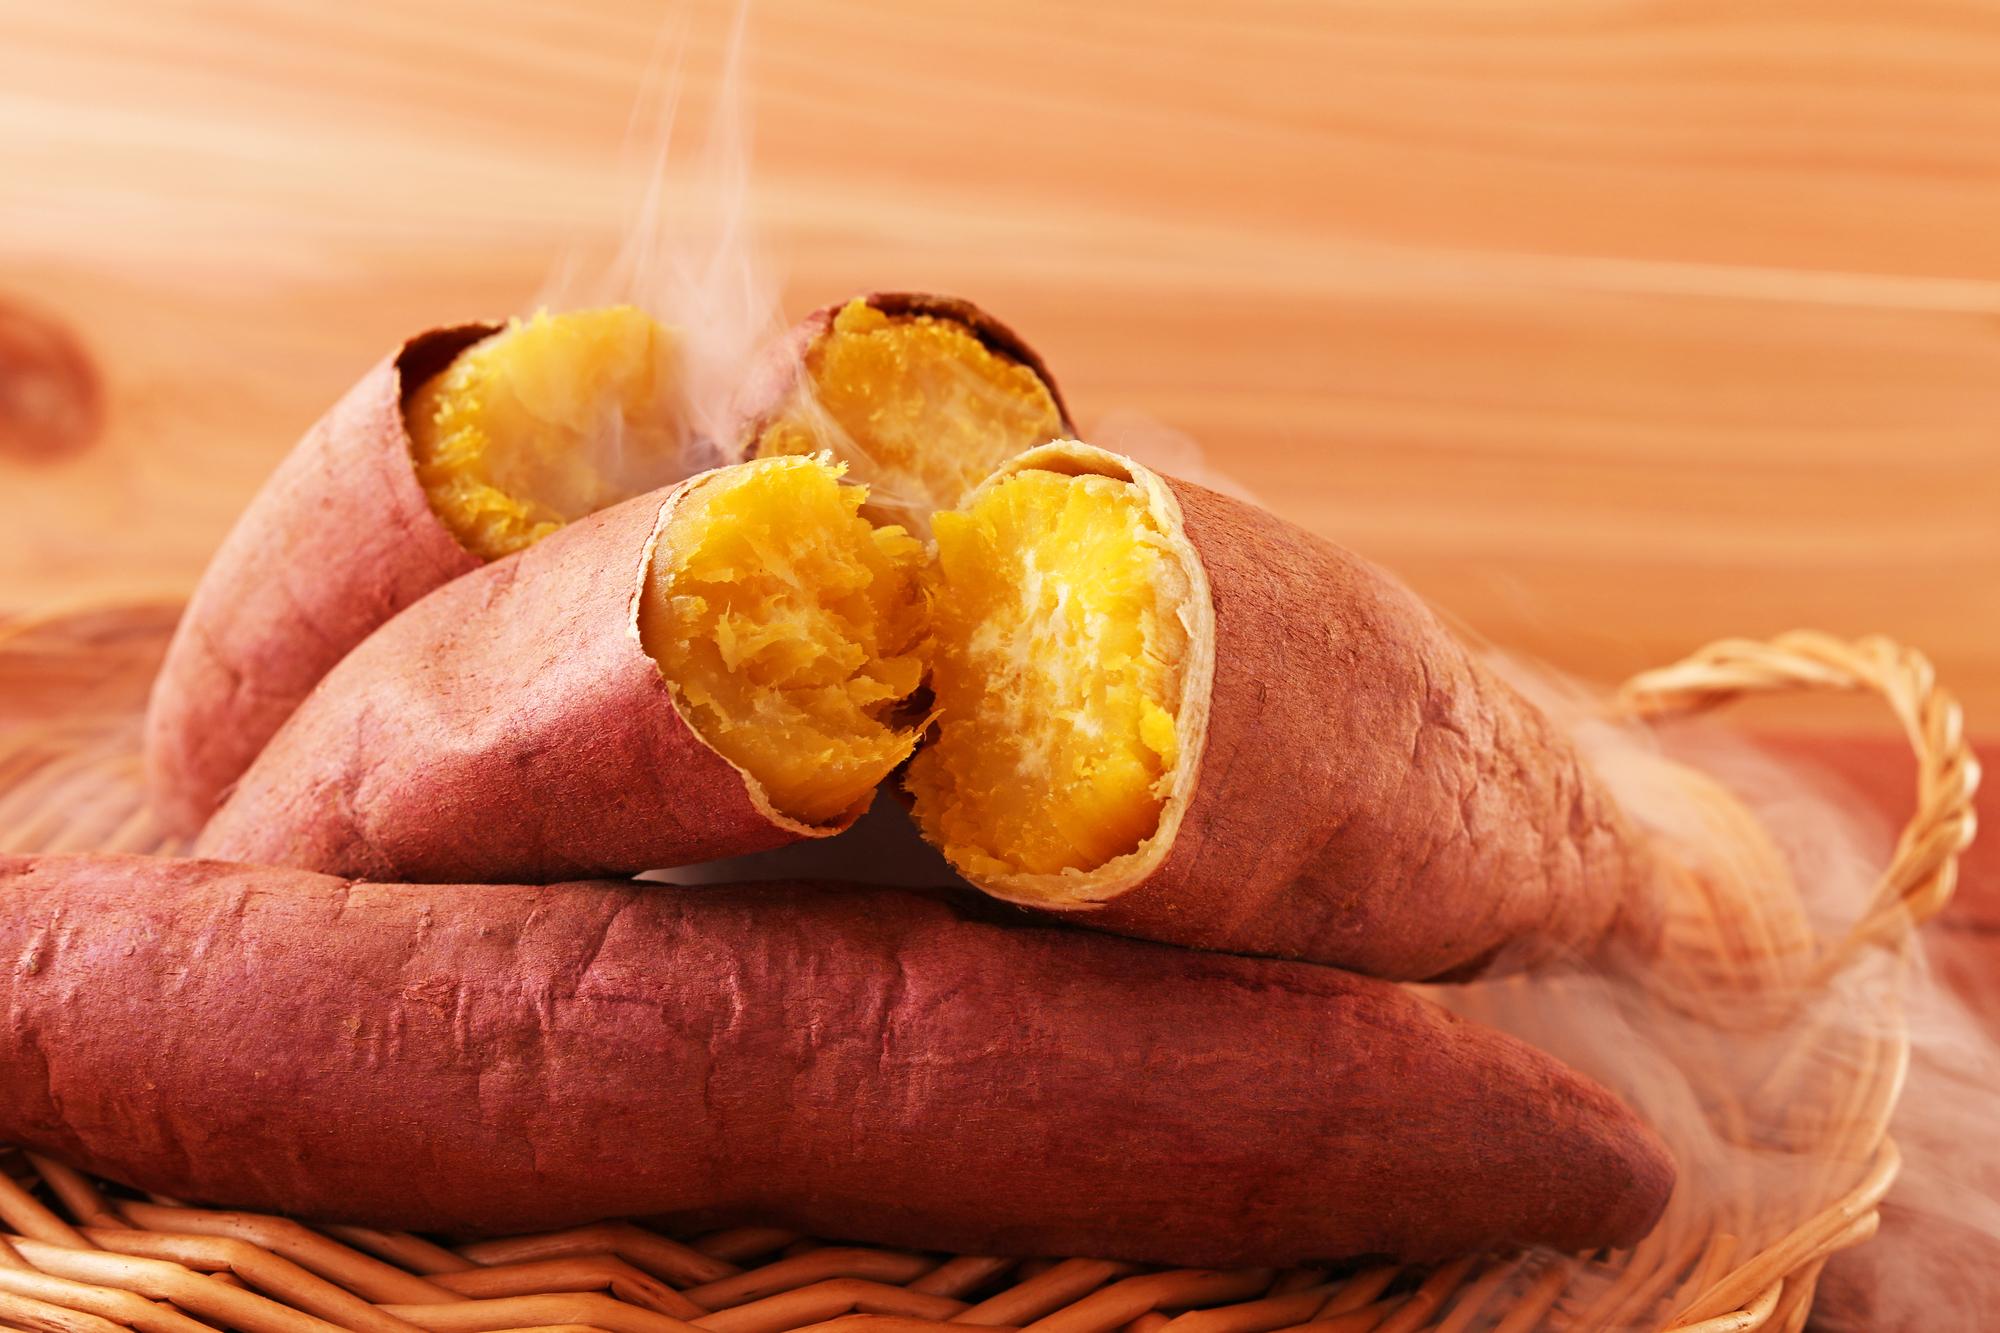 甘くて美味しいサツマイモで、秋を存分に味わおう!